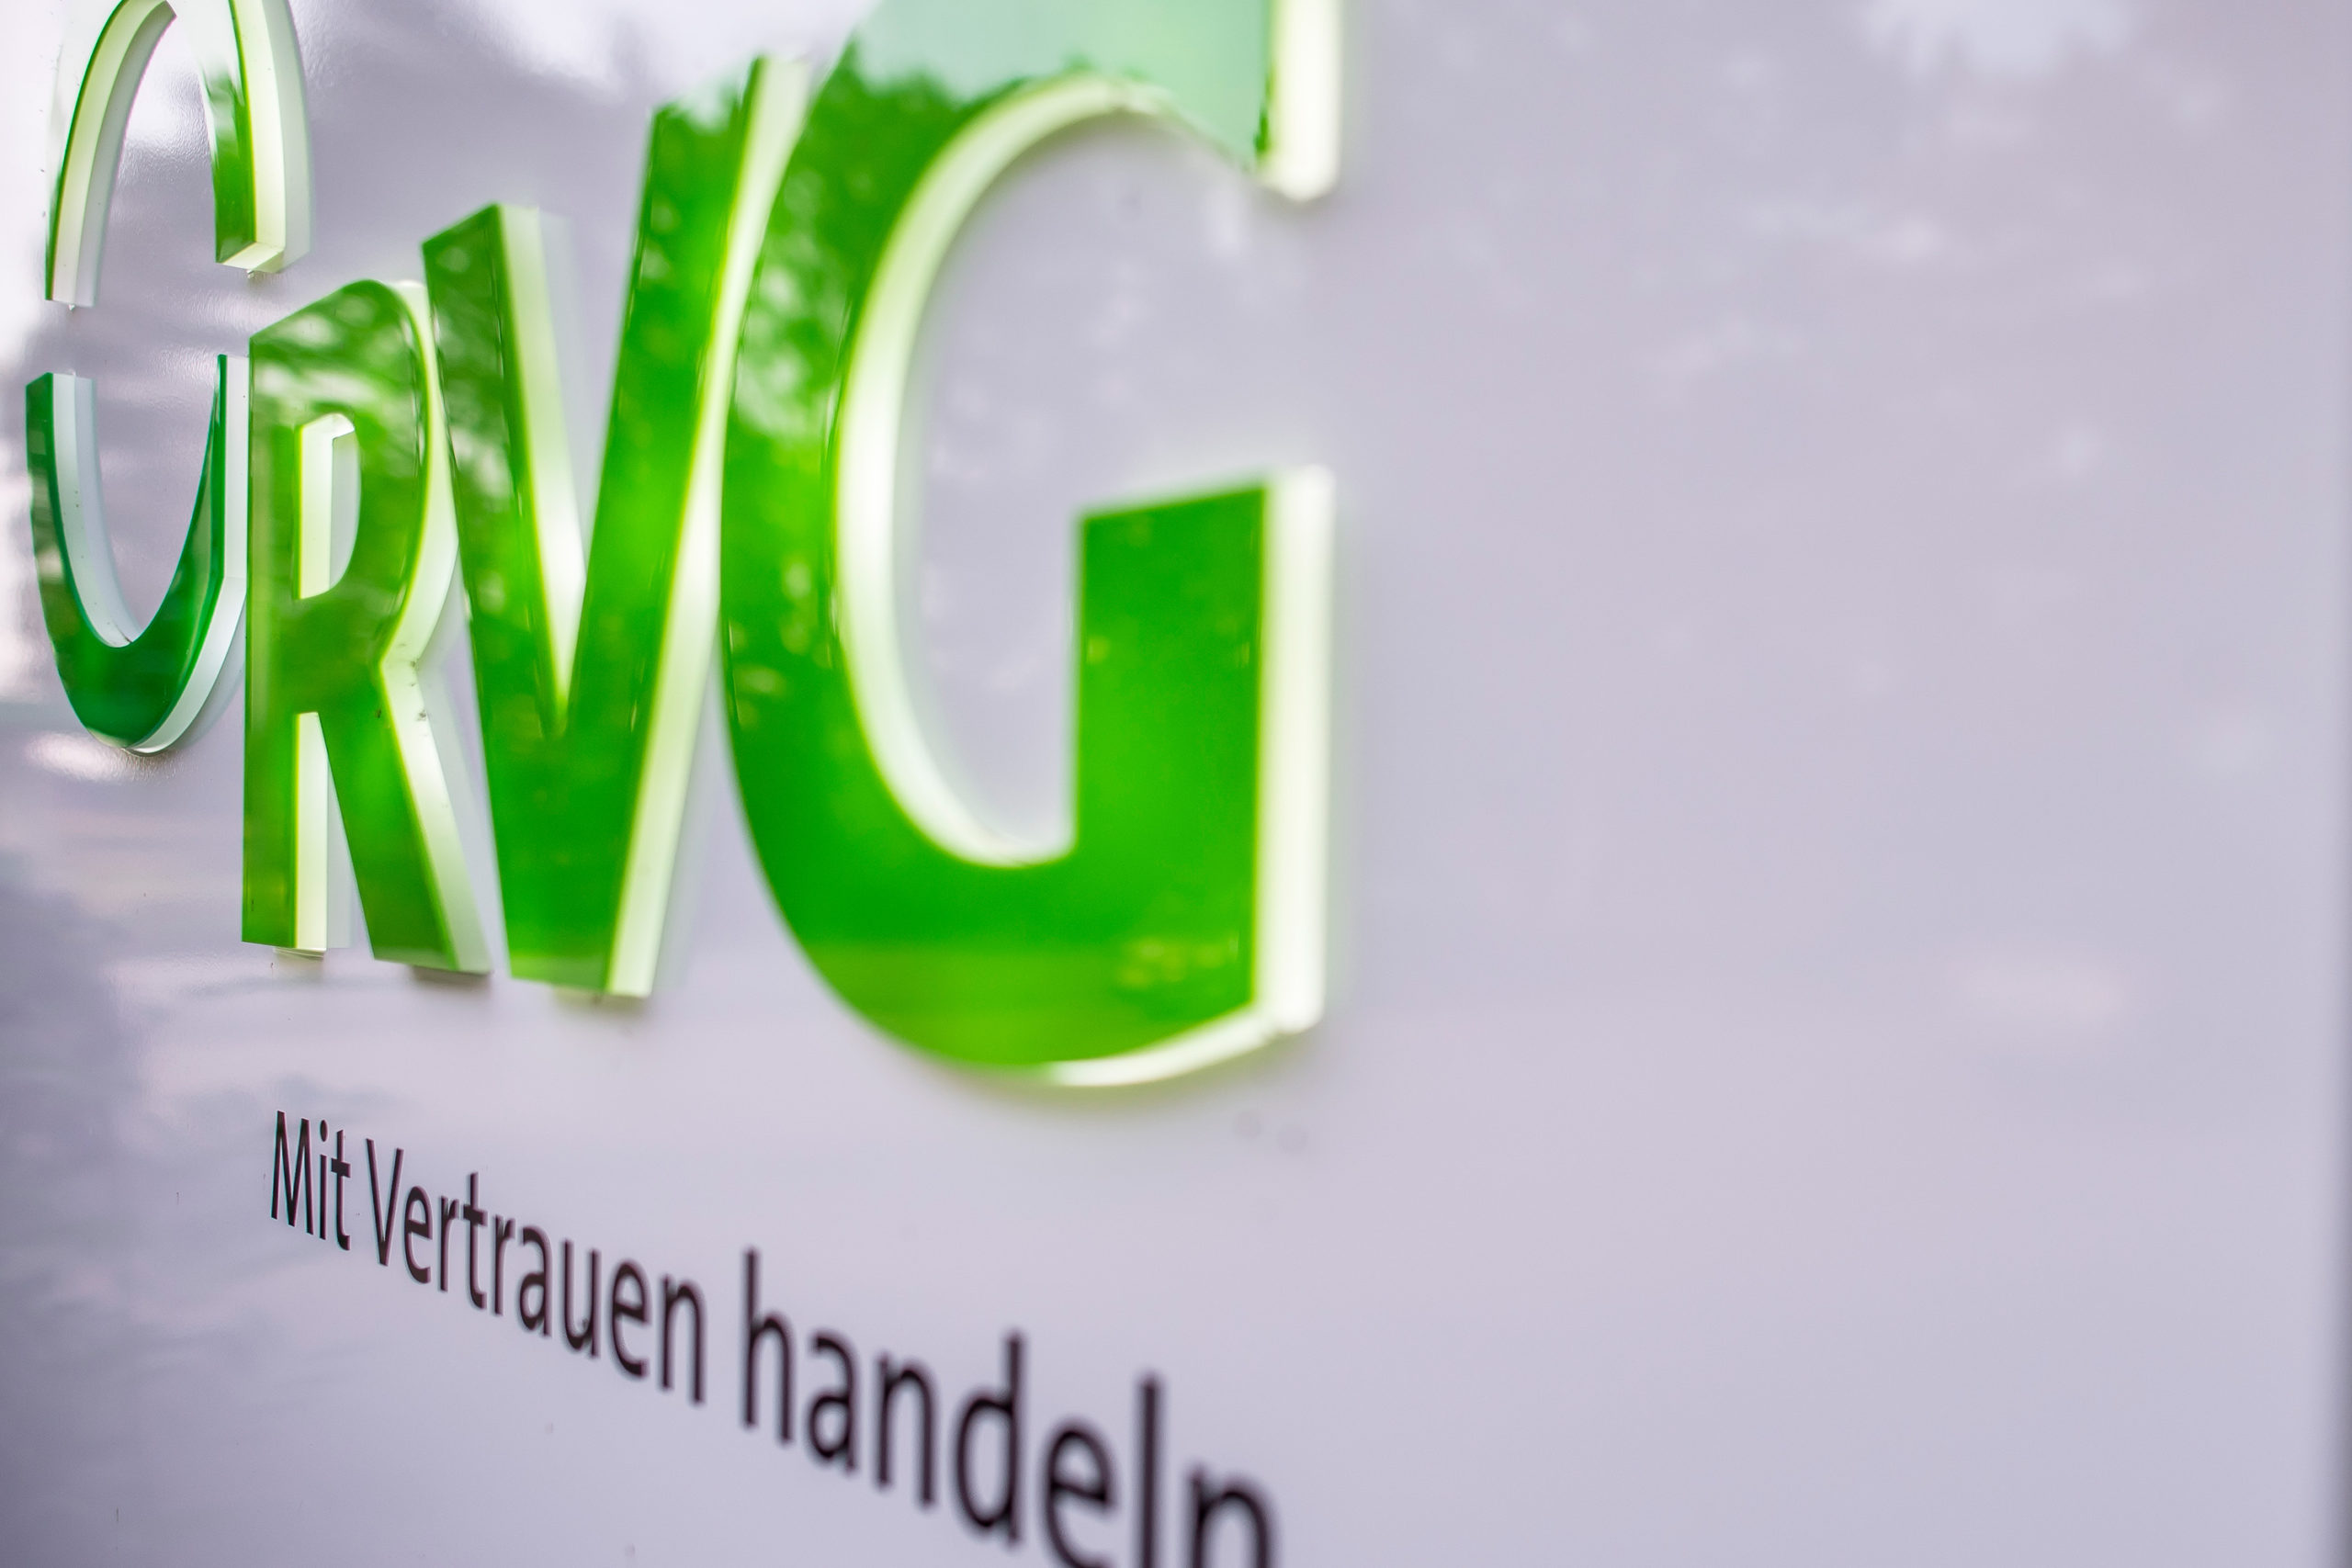 RVG Raiffeisen Viehvermarktung GmbH am 21.09.2017 in Enniger